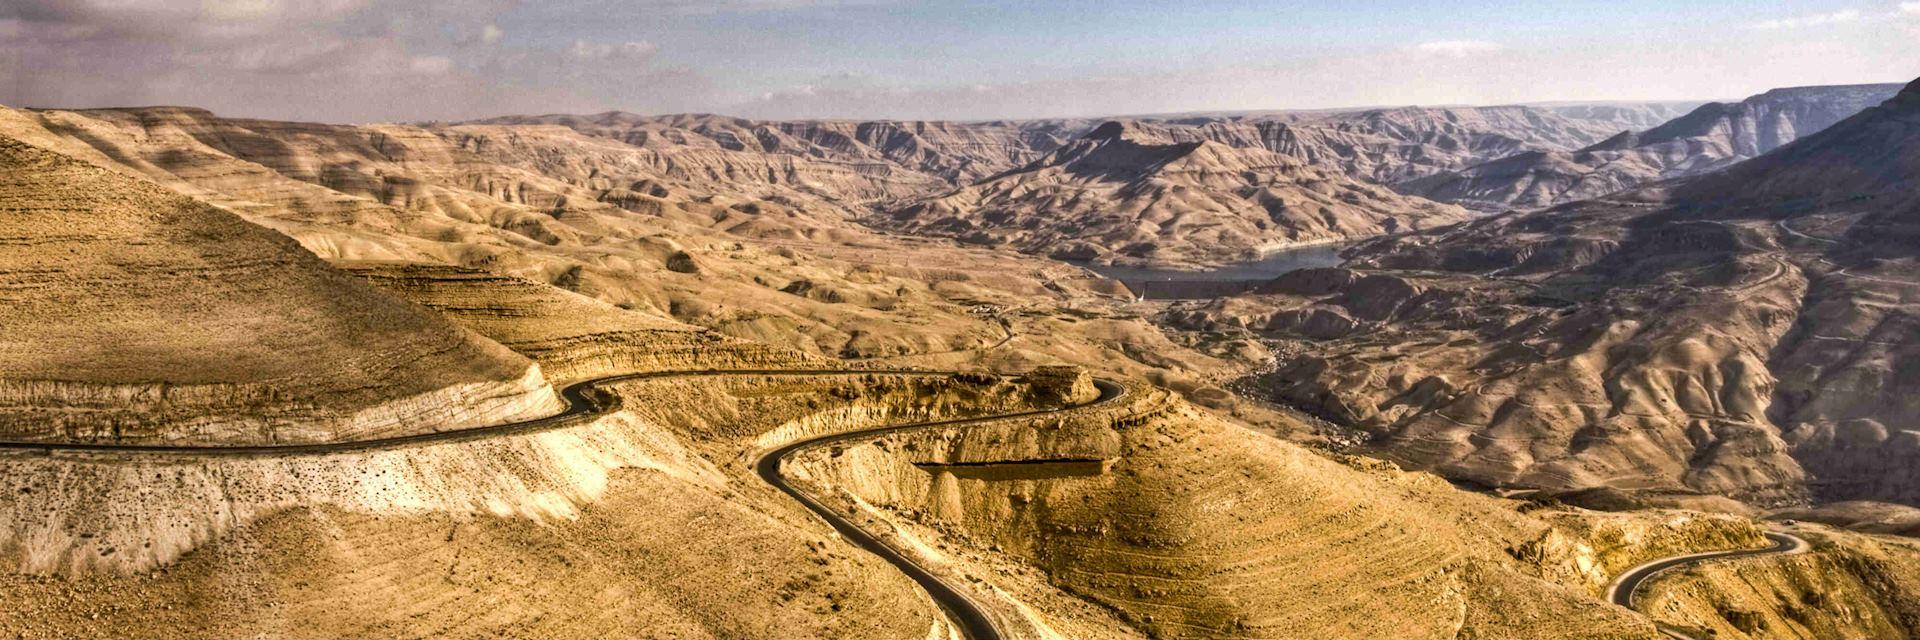 The Kings' Highway in Jordan